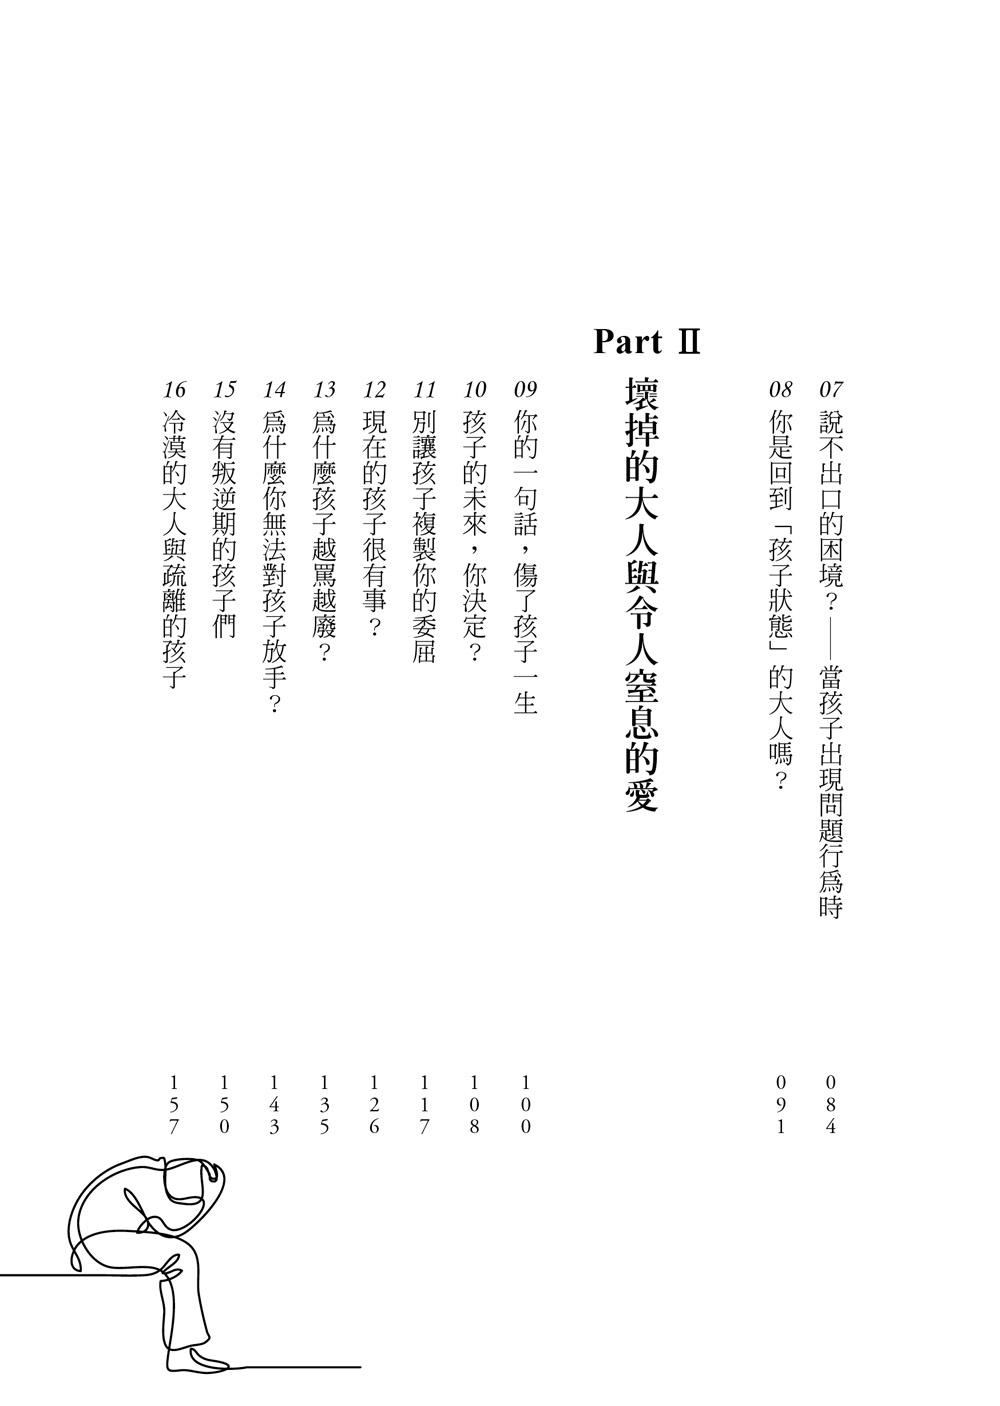 http://im2.book.com.tw/image/getImage?i=http://www.books.com.tw/img/001/077/08/0010770814_b_03.jpg&v=5a0c1764&w=655&h=609